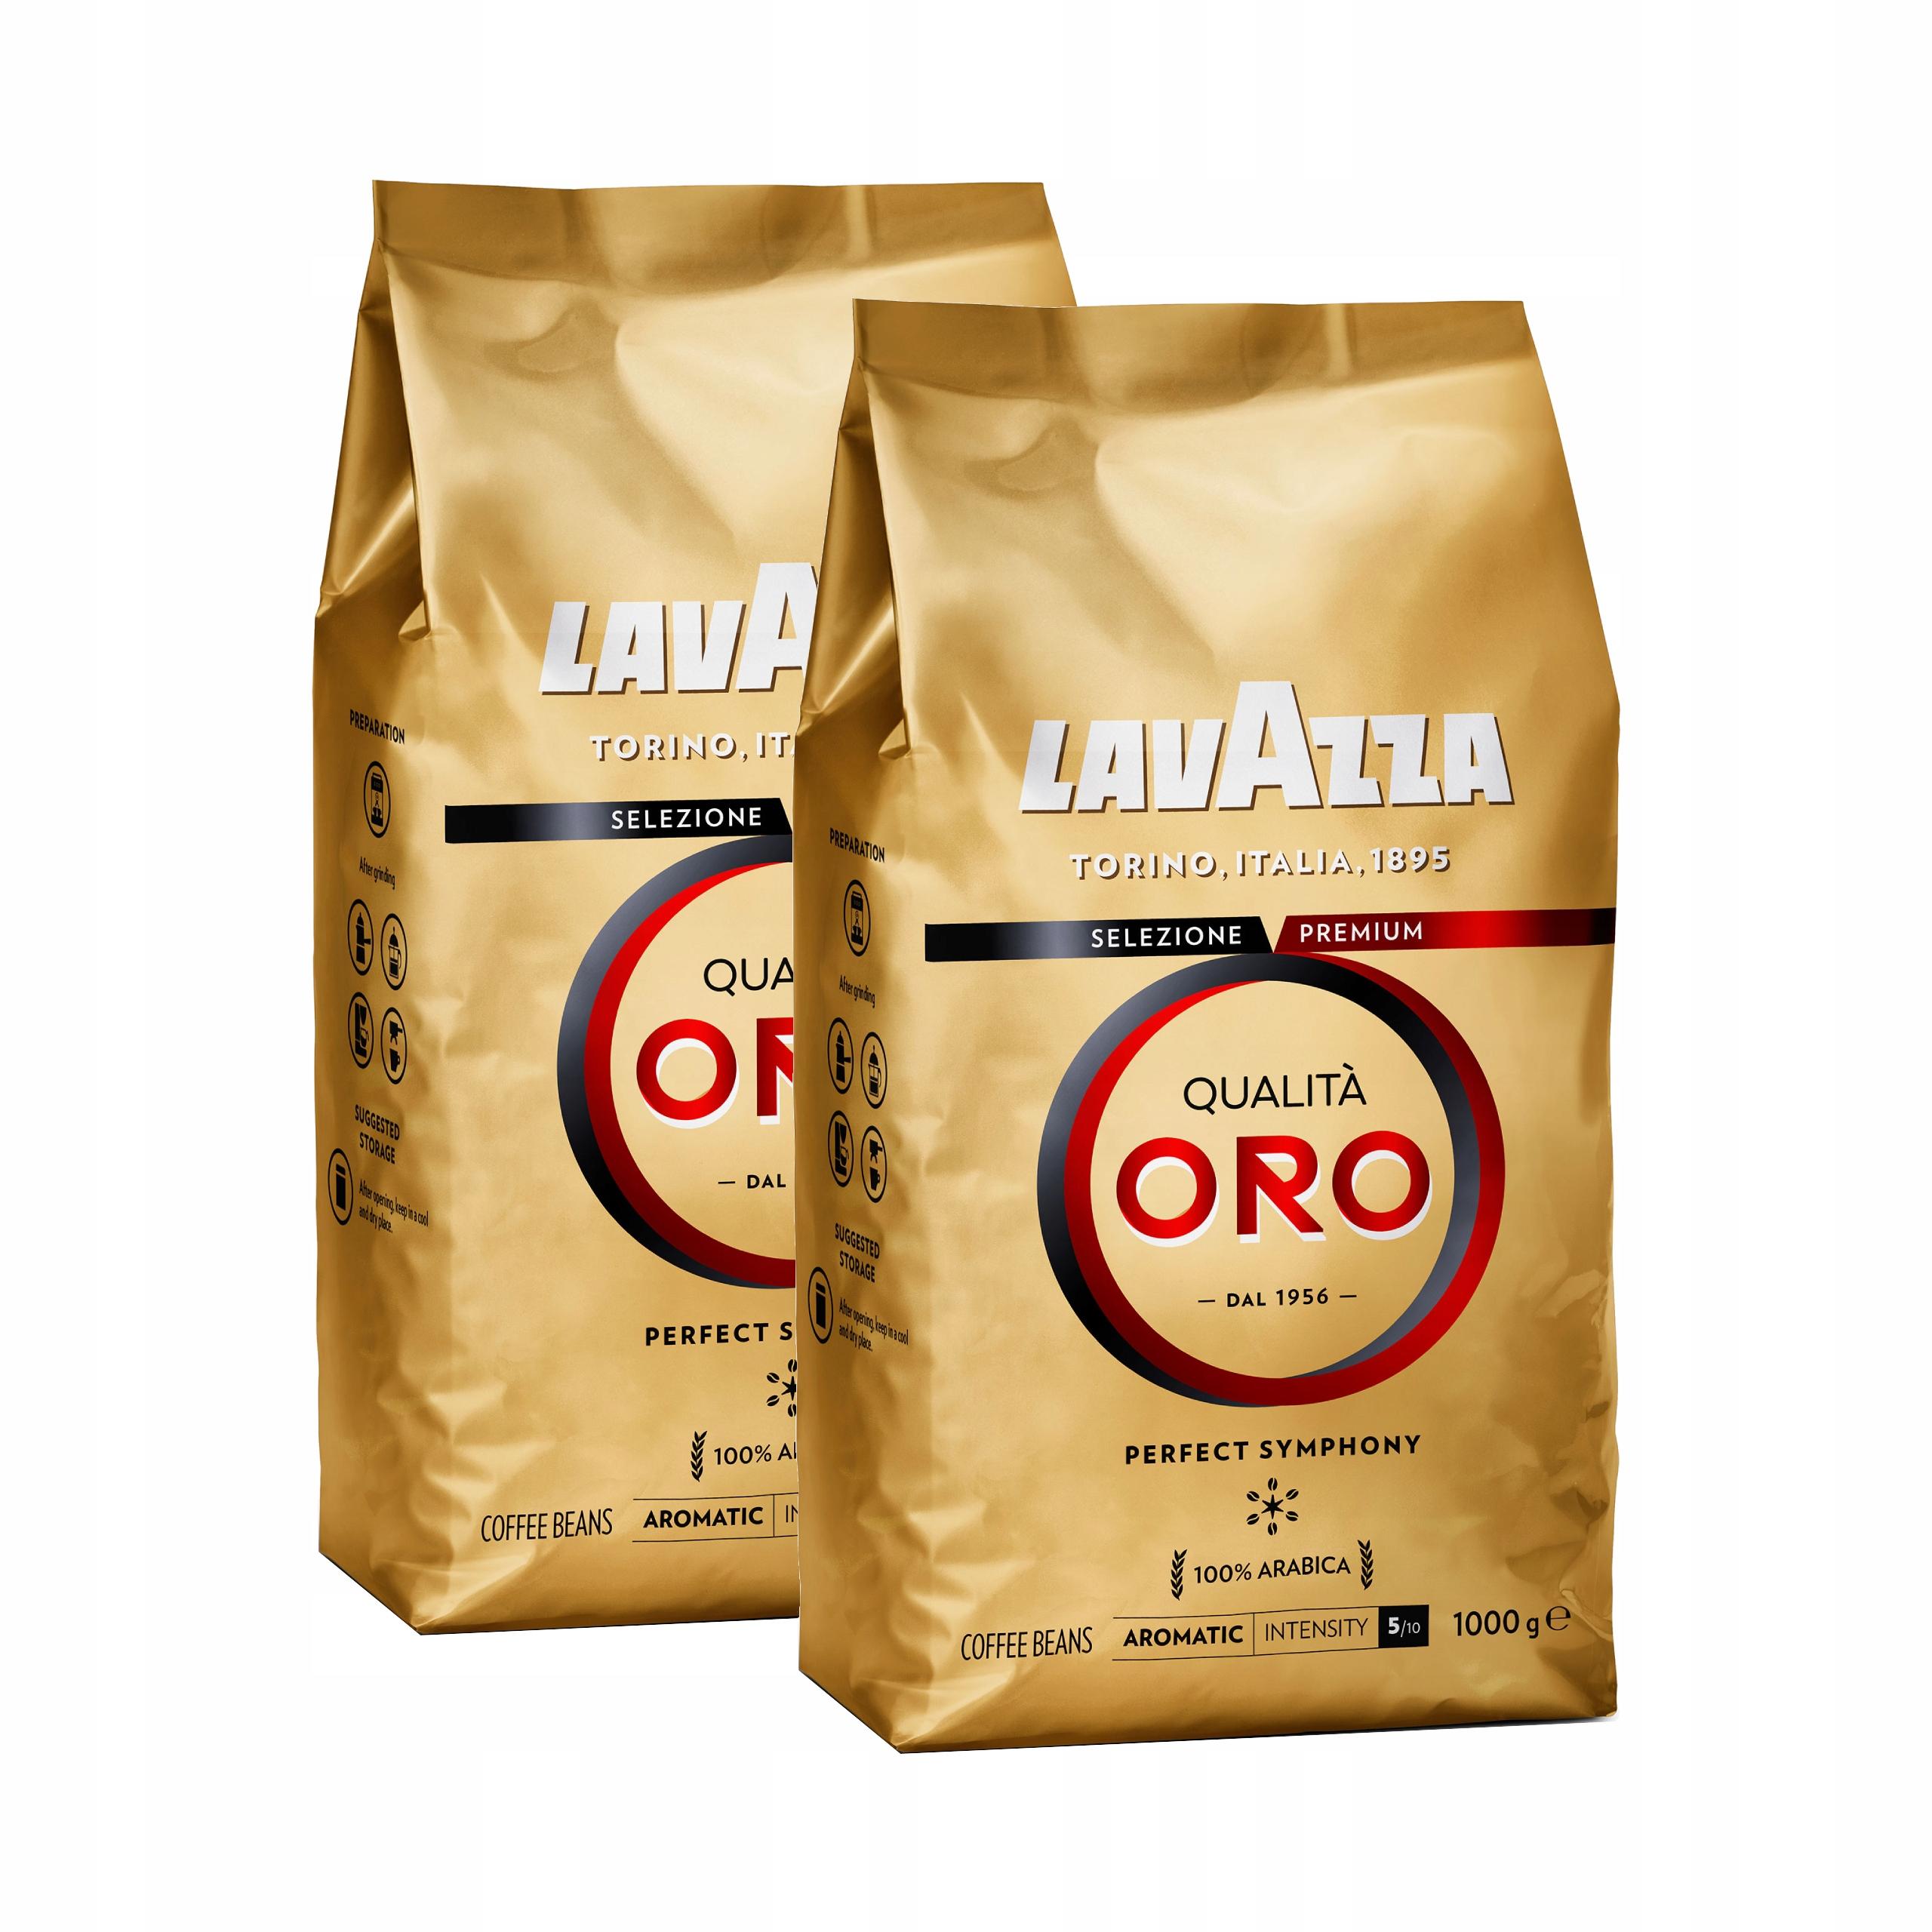 Купить КОФЕ В ЗЕРНАХ ТИПА Lavazza QUALITA ORO 2x1kg на Eurozakup - цены и фото - доставка из Польши и стран Европы в Украину.